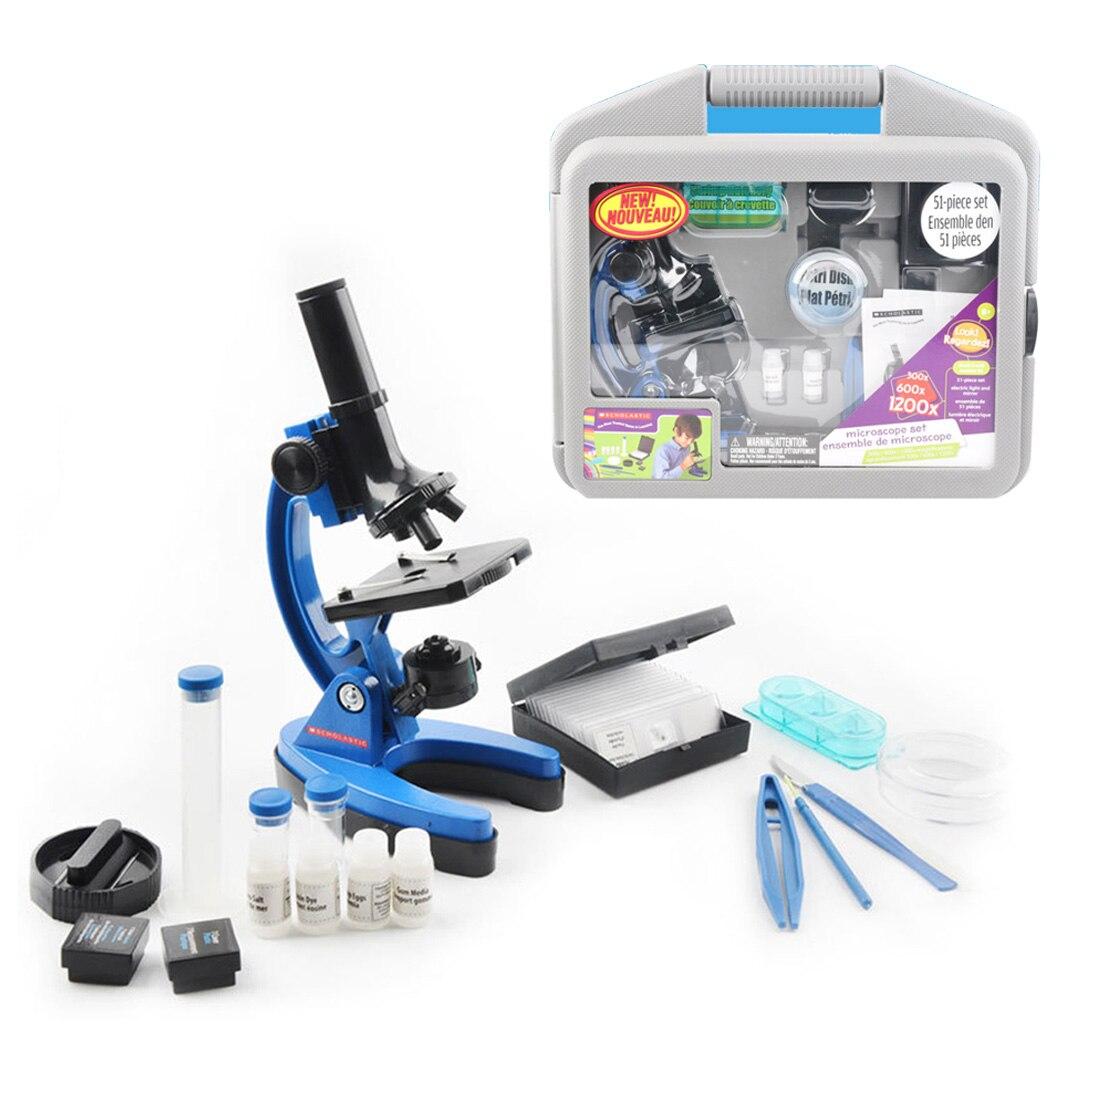 Durable étudiants laboratoire 1200 fois enfants métal Microscope trousse à outils ensemble enfants apprentissage précoce Science jouets cadeau